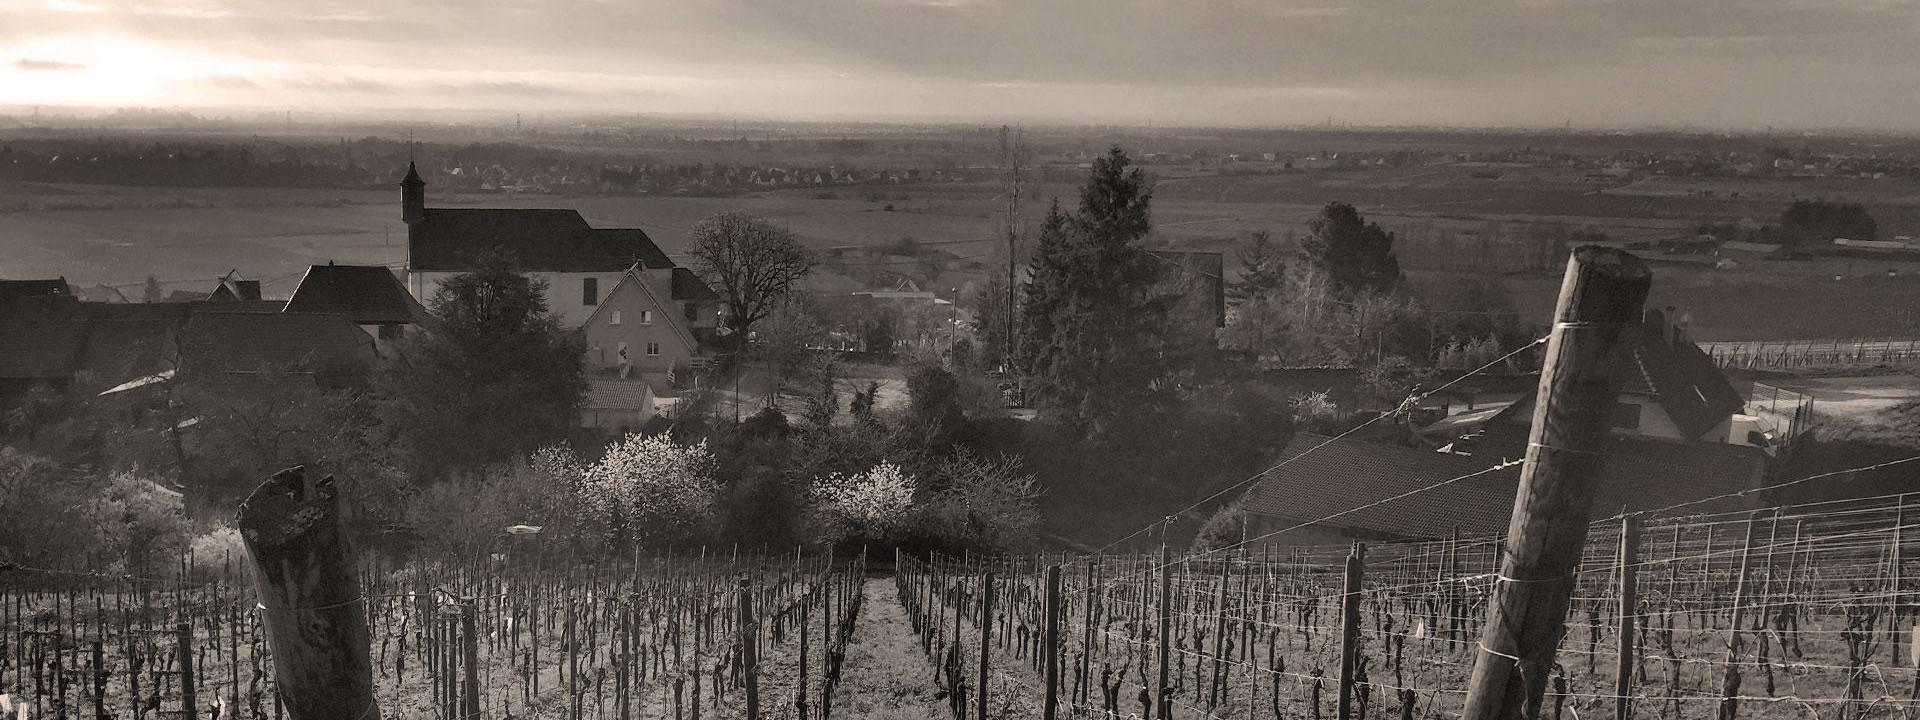 Vignoble des Vins d'Alsace Pernet et Fils à Dambach-la-ville dans le Bas-Rhin, le long de la route des vins